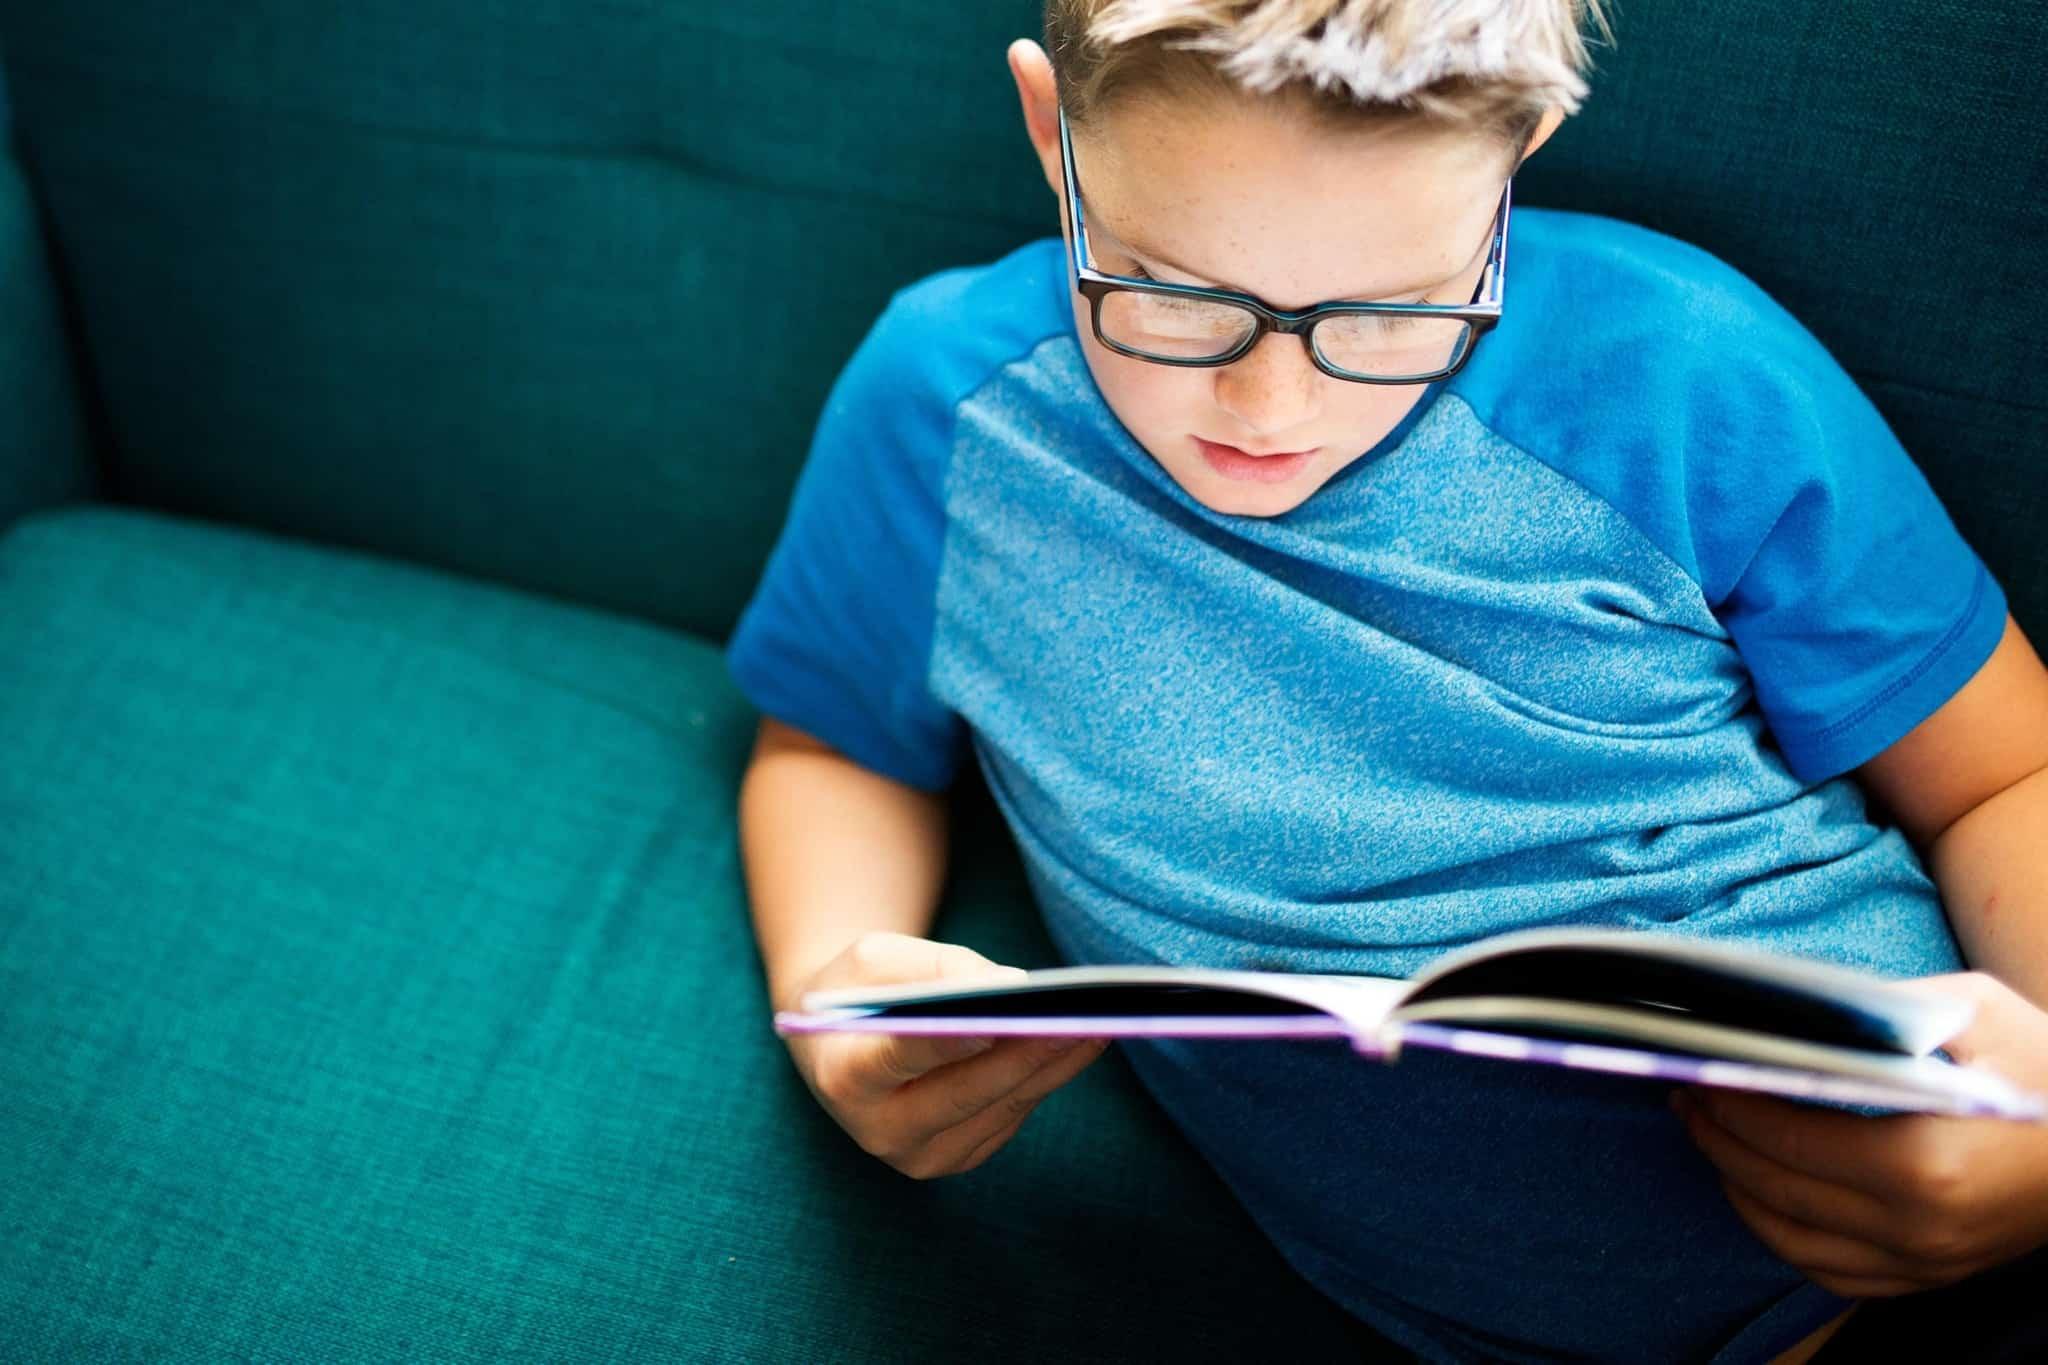 Criança sentada a ler um livro_